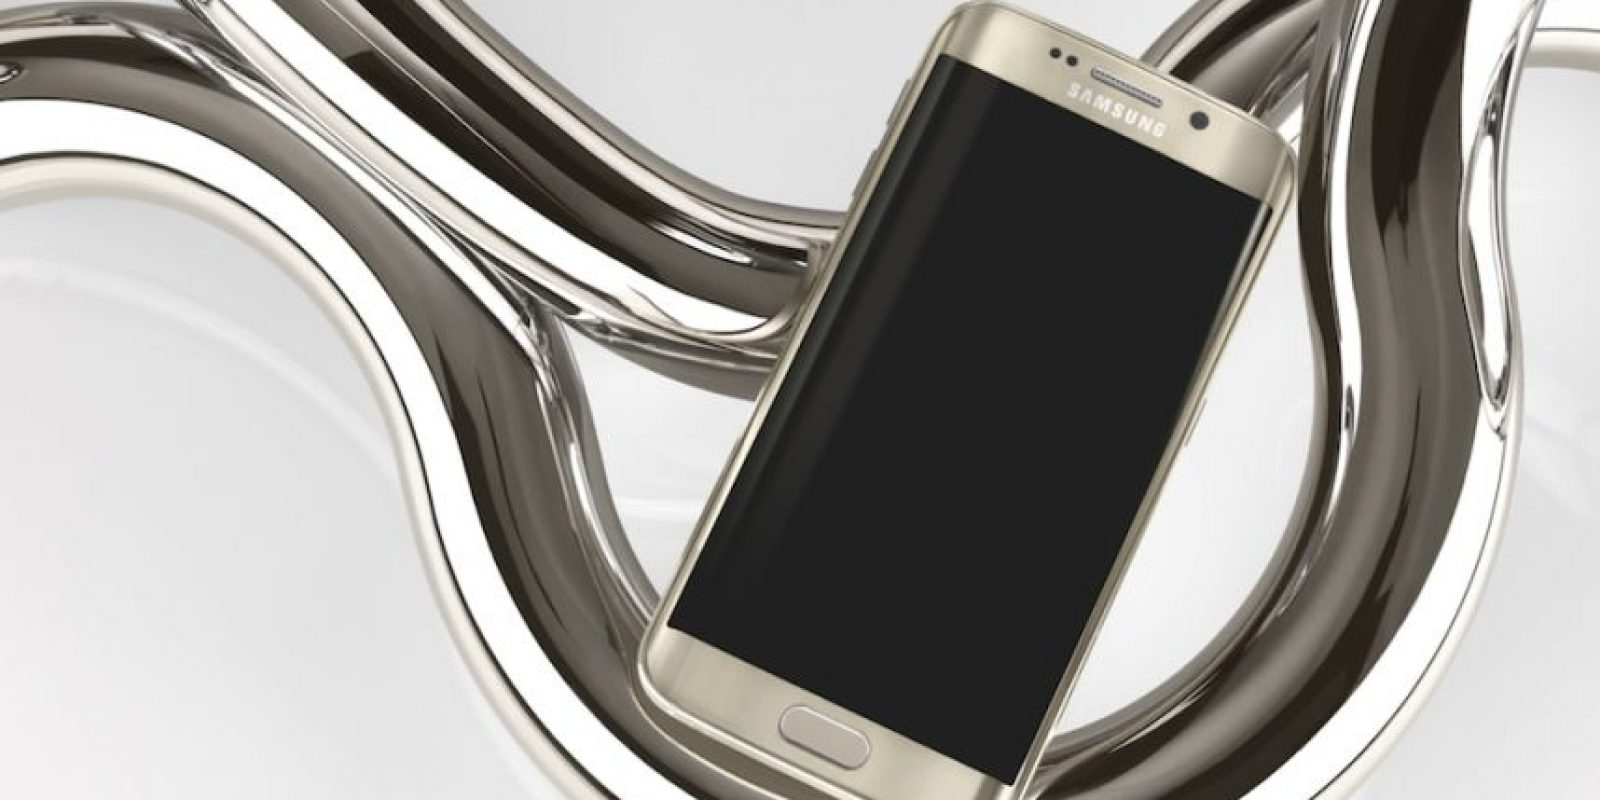 Cuenta con un sensor de huellas dactilares, conectividad Wi-Fi, Bluetooth, NFC y microUSB. Foto:Samsung